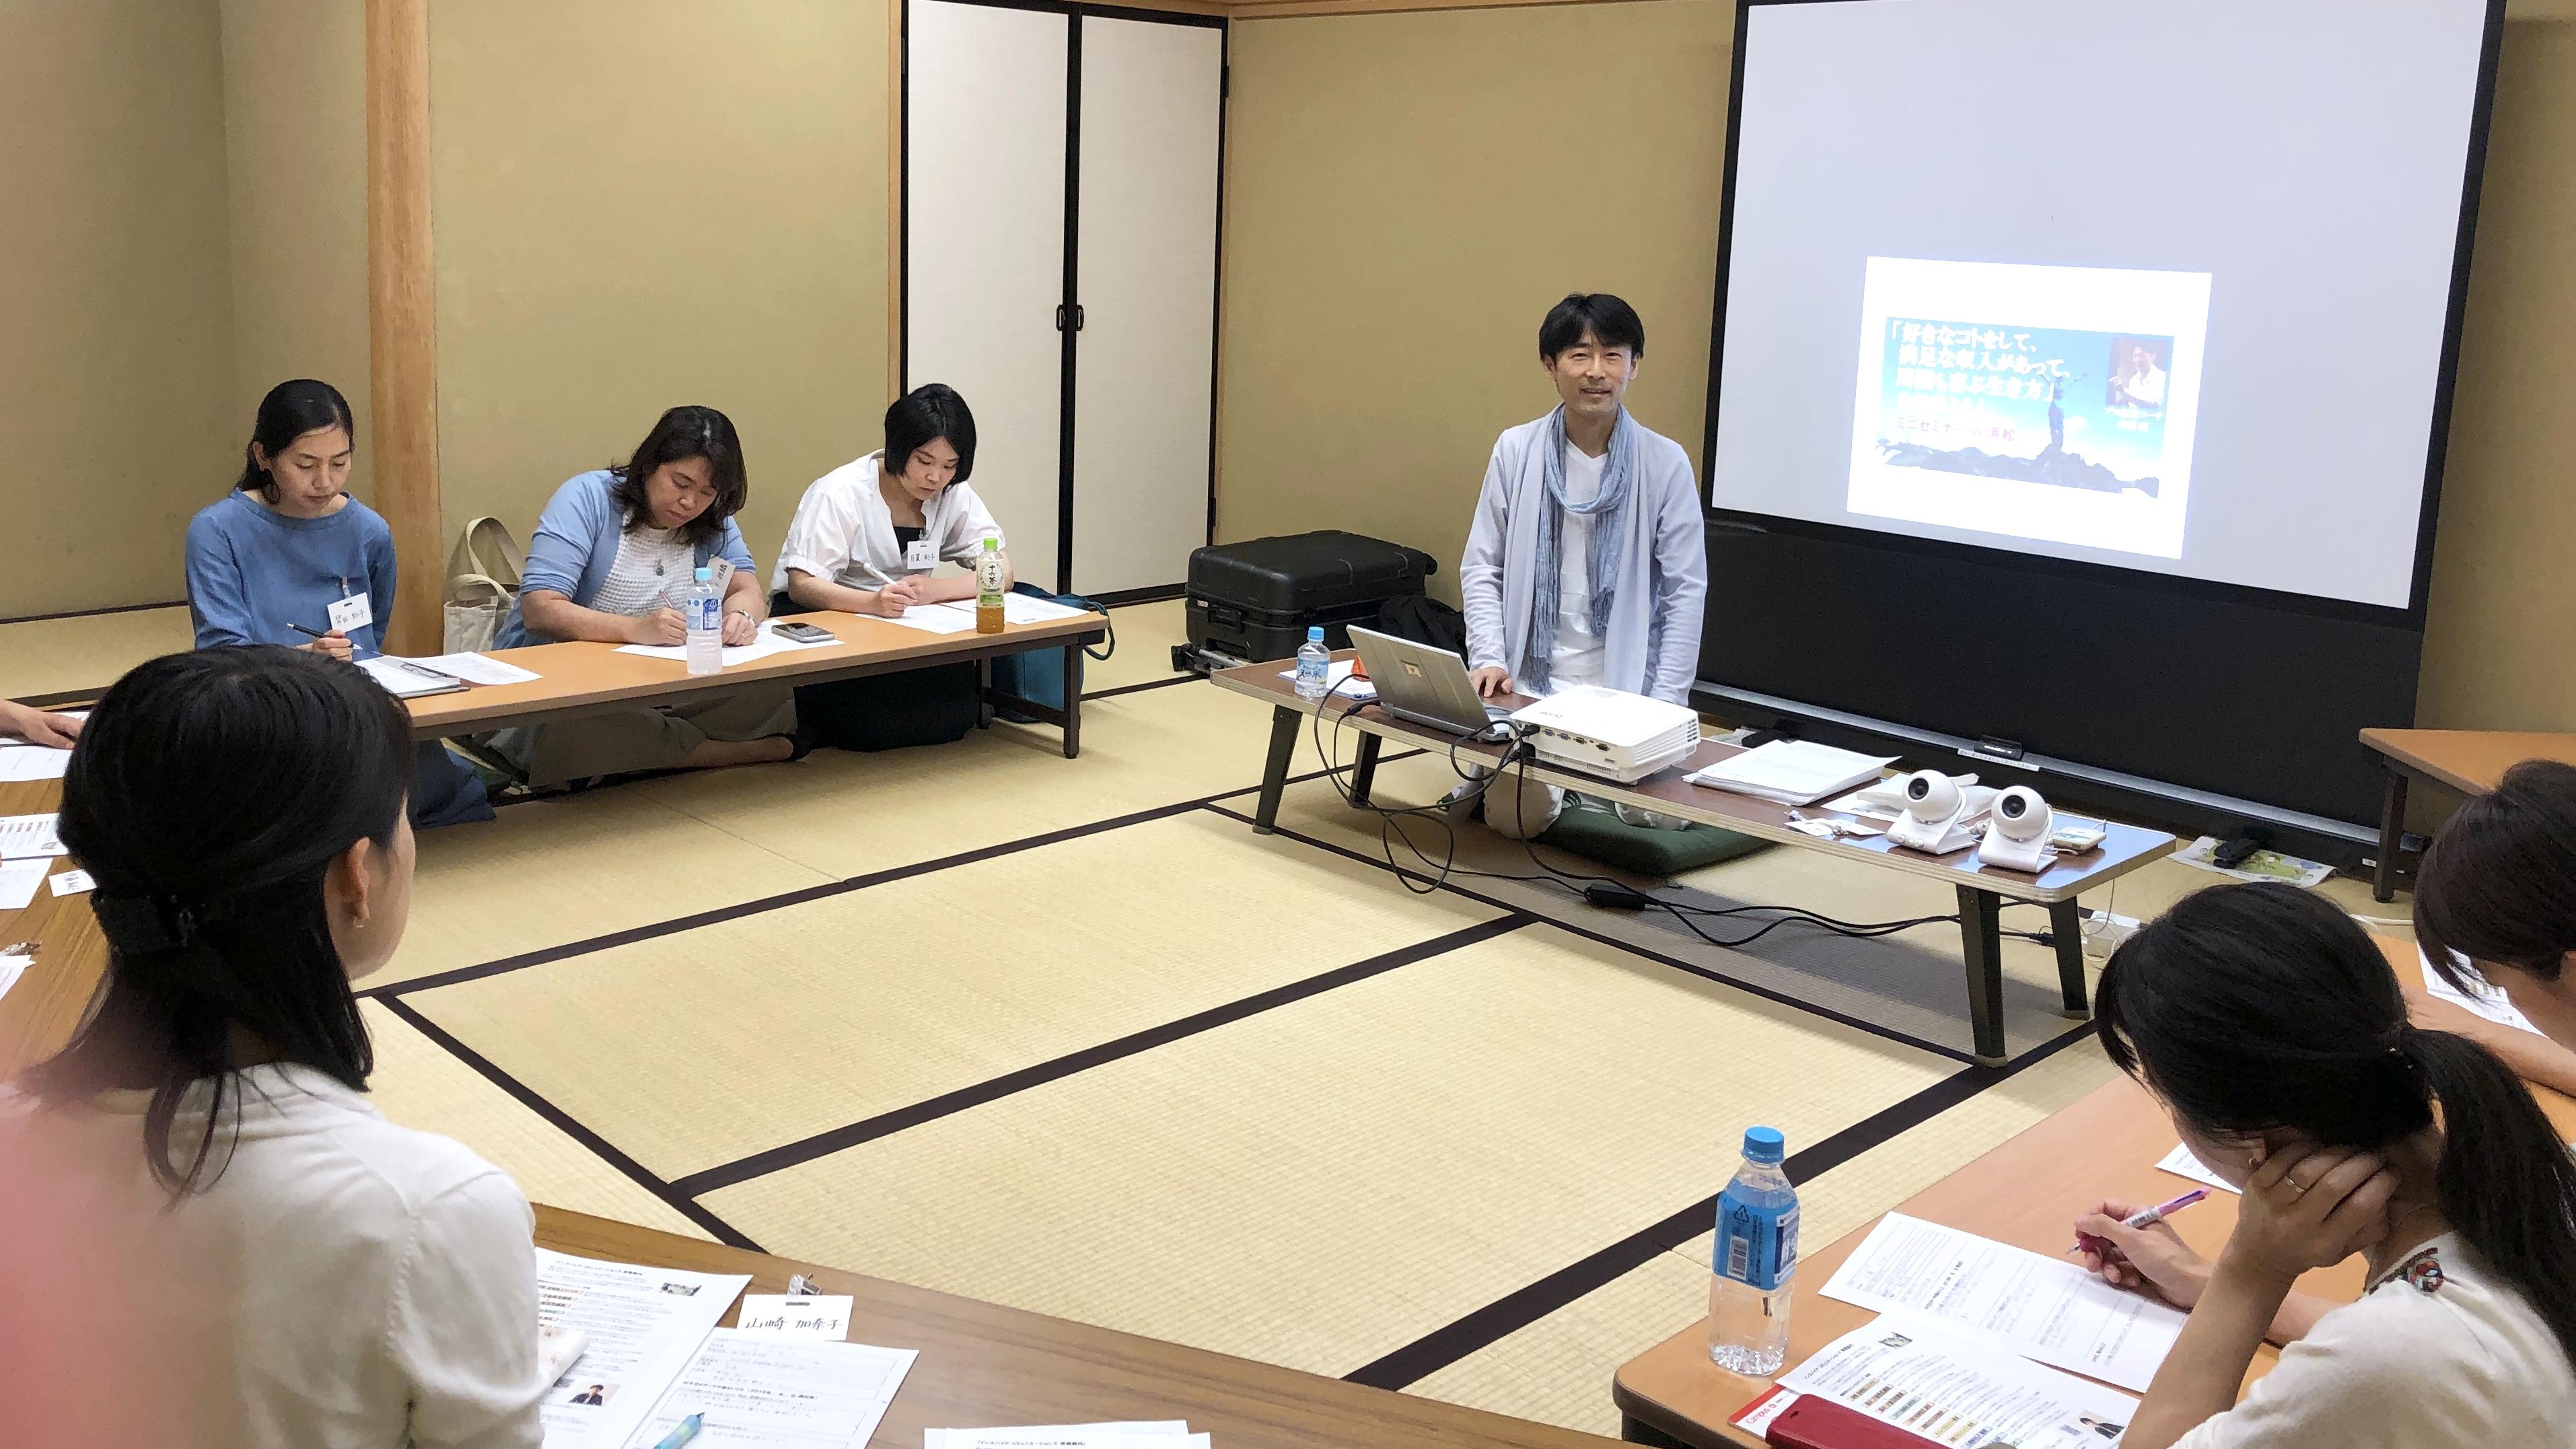 【受講者の声・浜松ミニセミナー平日版開催】働き方、収入、生き方を考えよう!